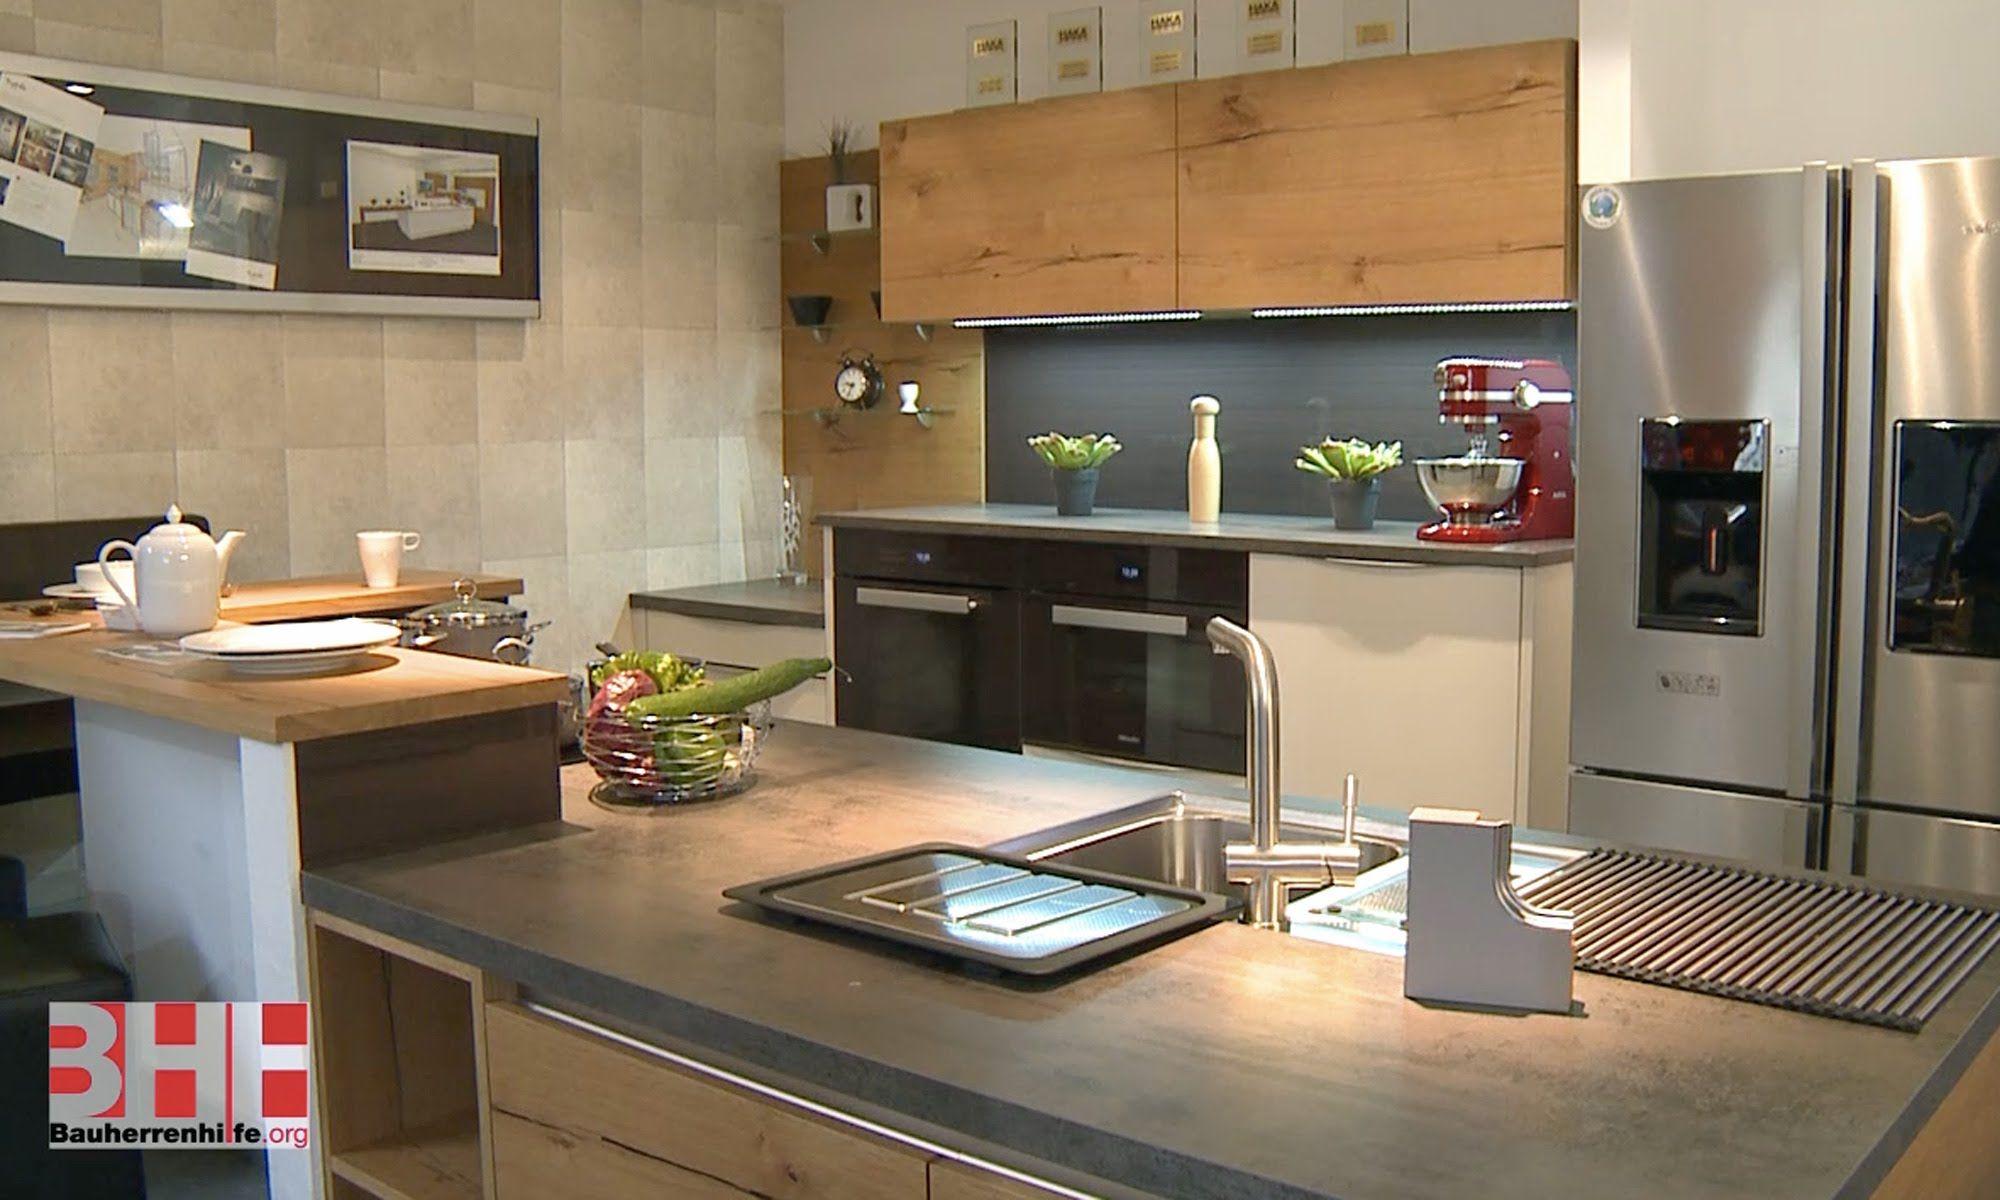 tipps zur küchenplanung tolle abbild oder ccfccfeaaaefccfdd